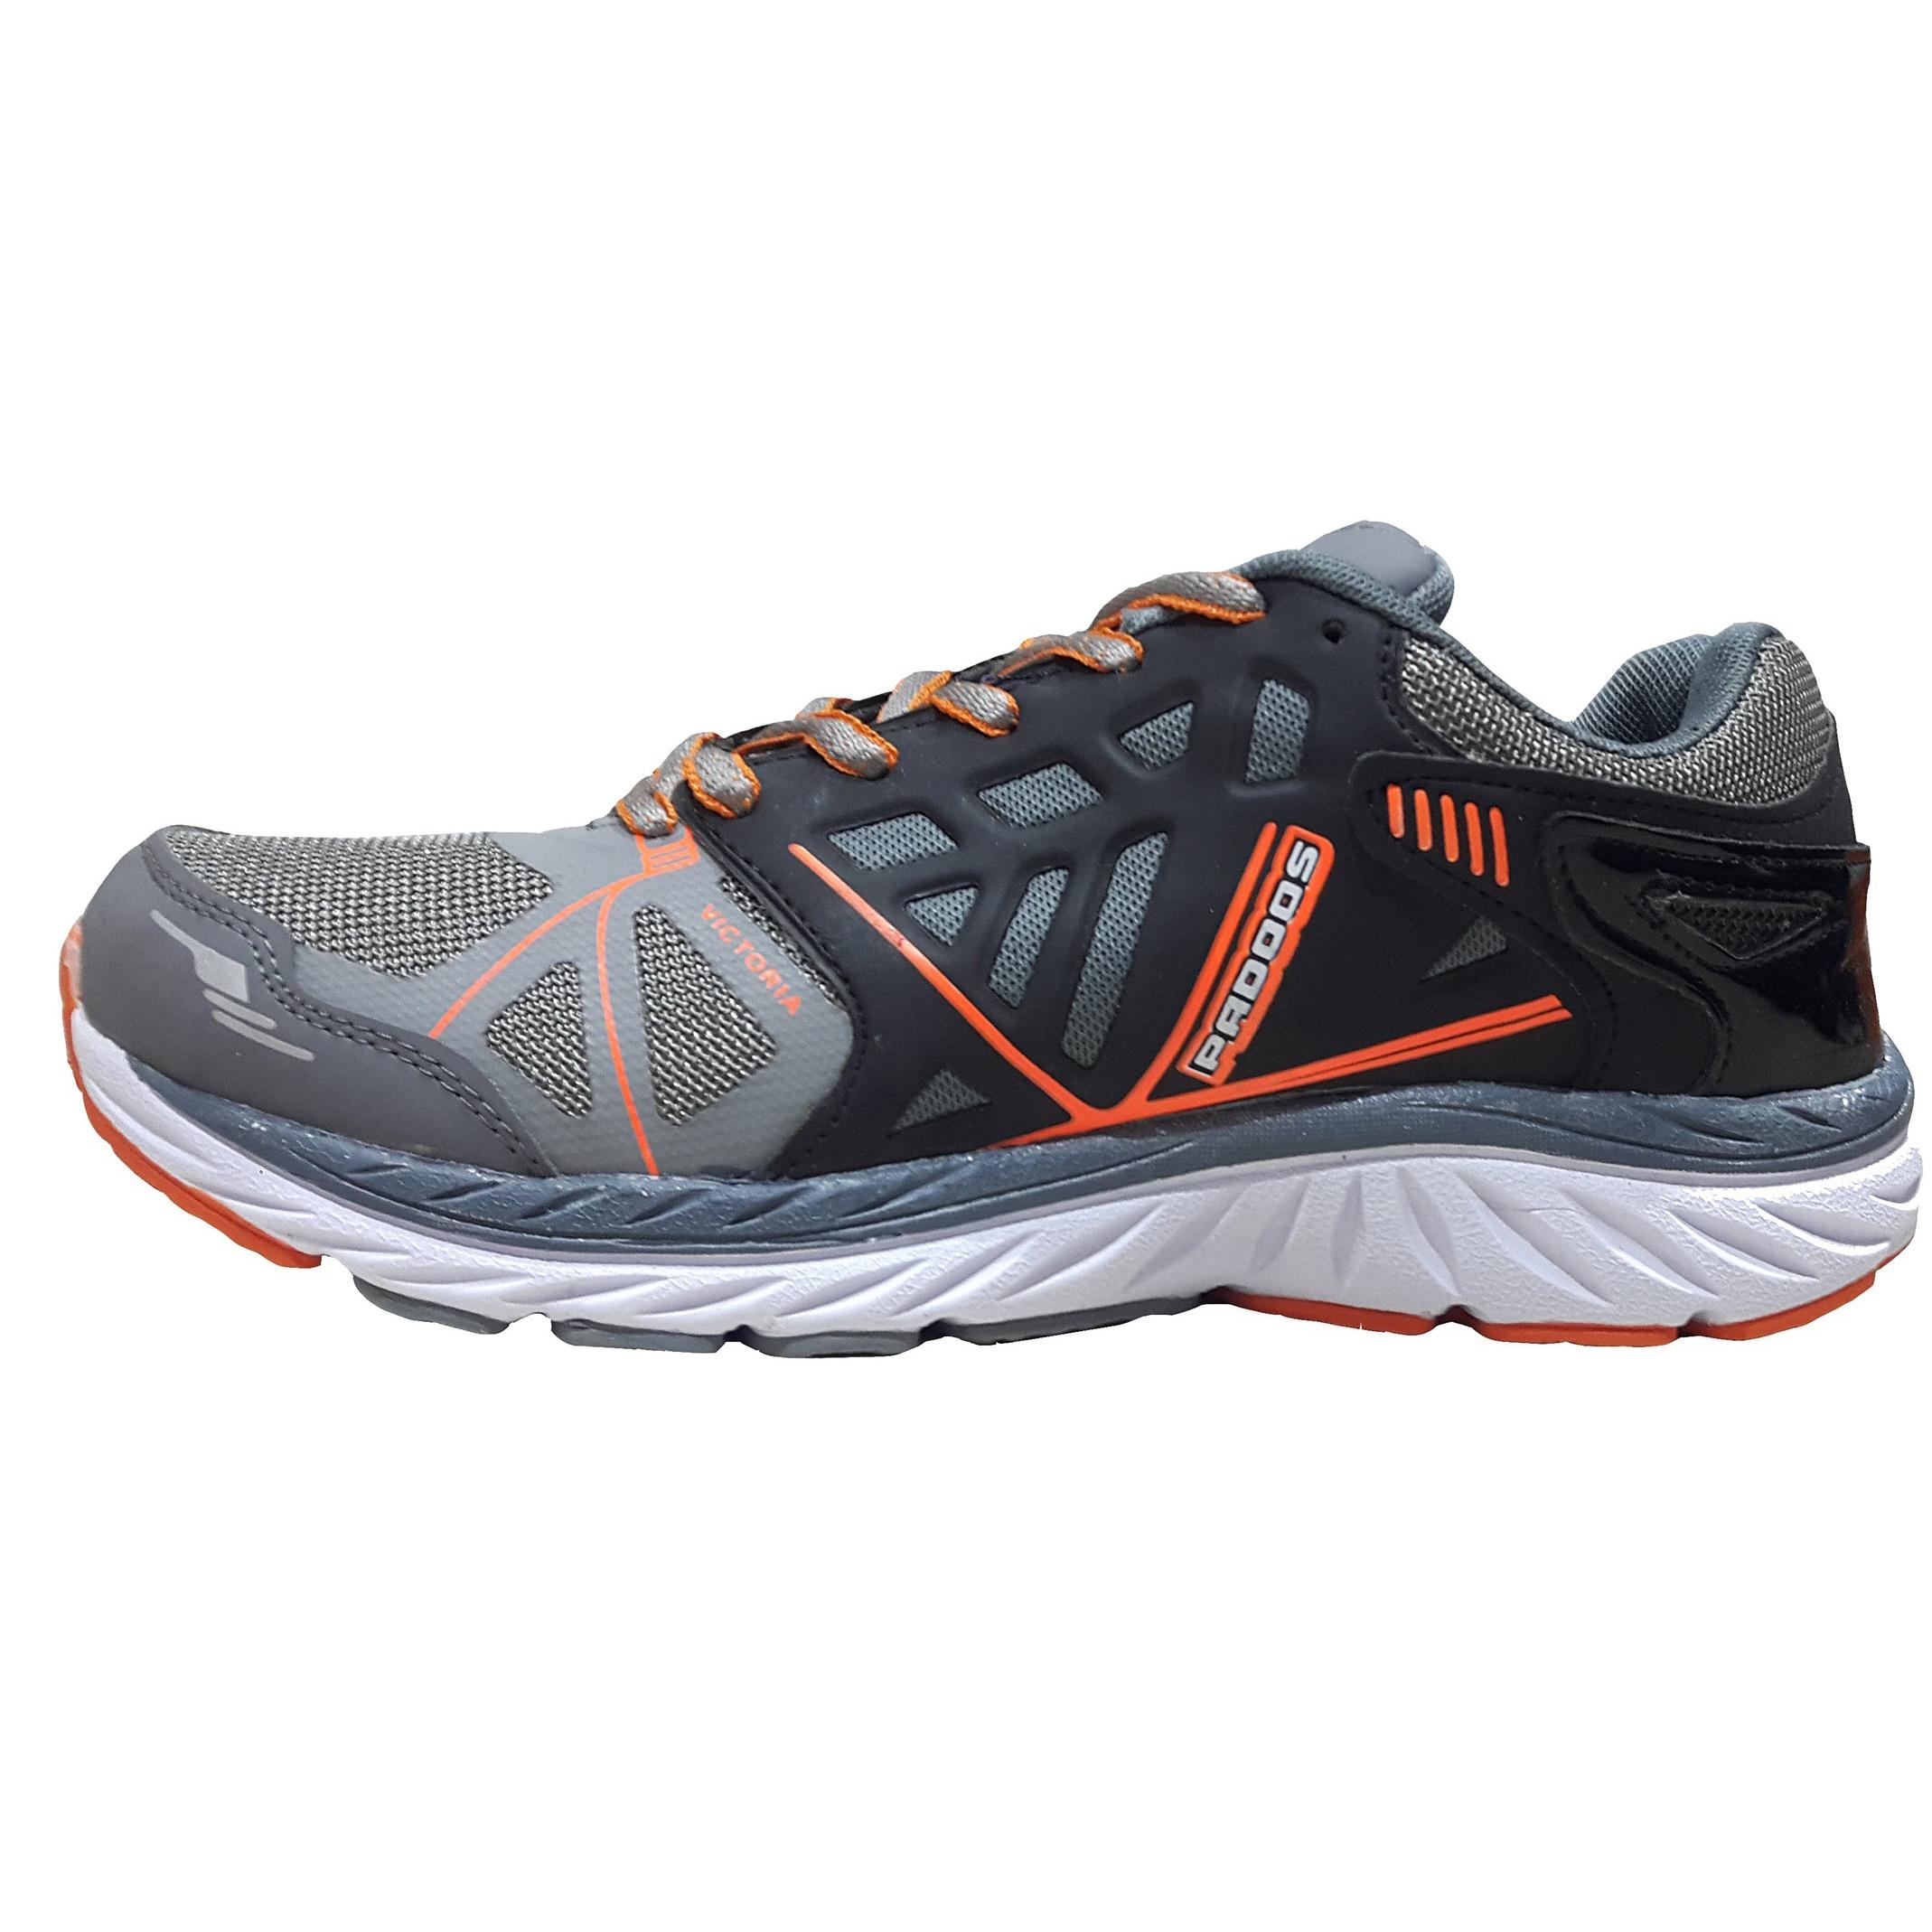 کفش مخصوص پیاده روی مردانه پادوس مدل لوییس کد TN1010